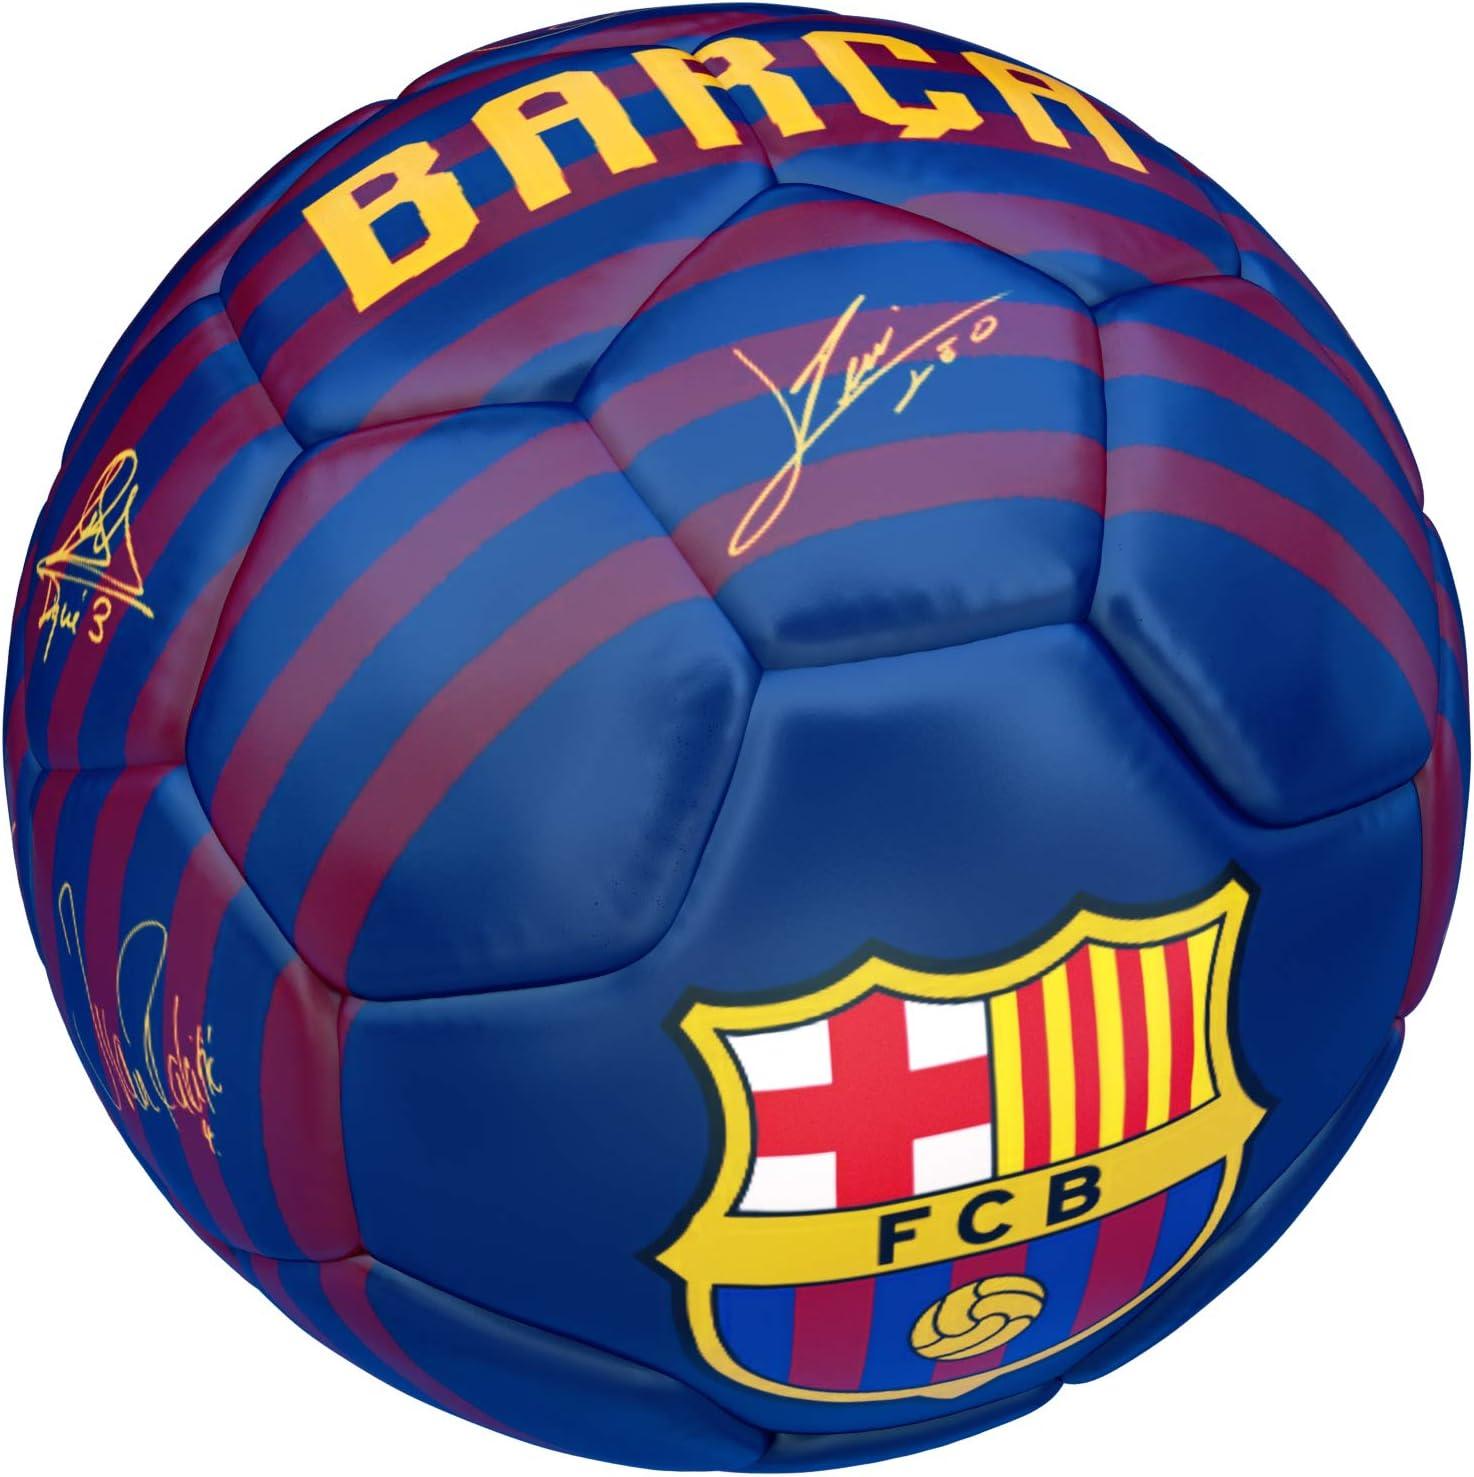 JOSMA SPORT - Balón Mediano F.C. Barcelona 1º Equipación 18/19 ...